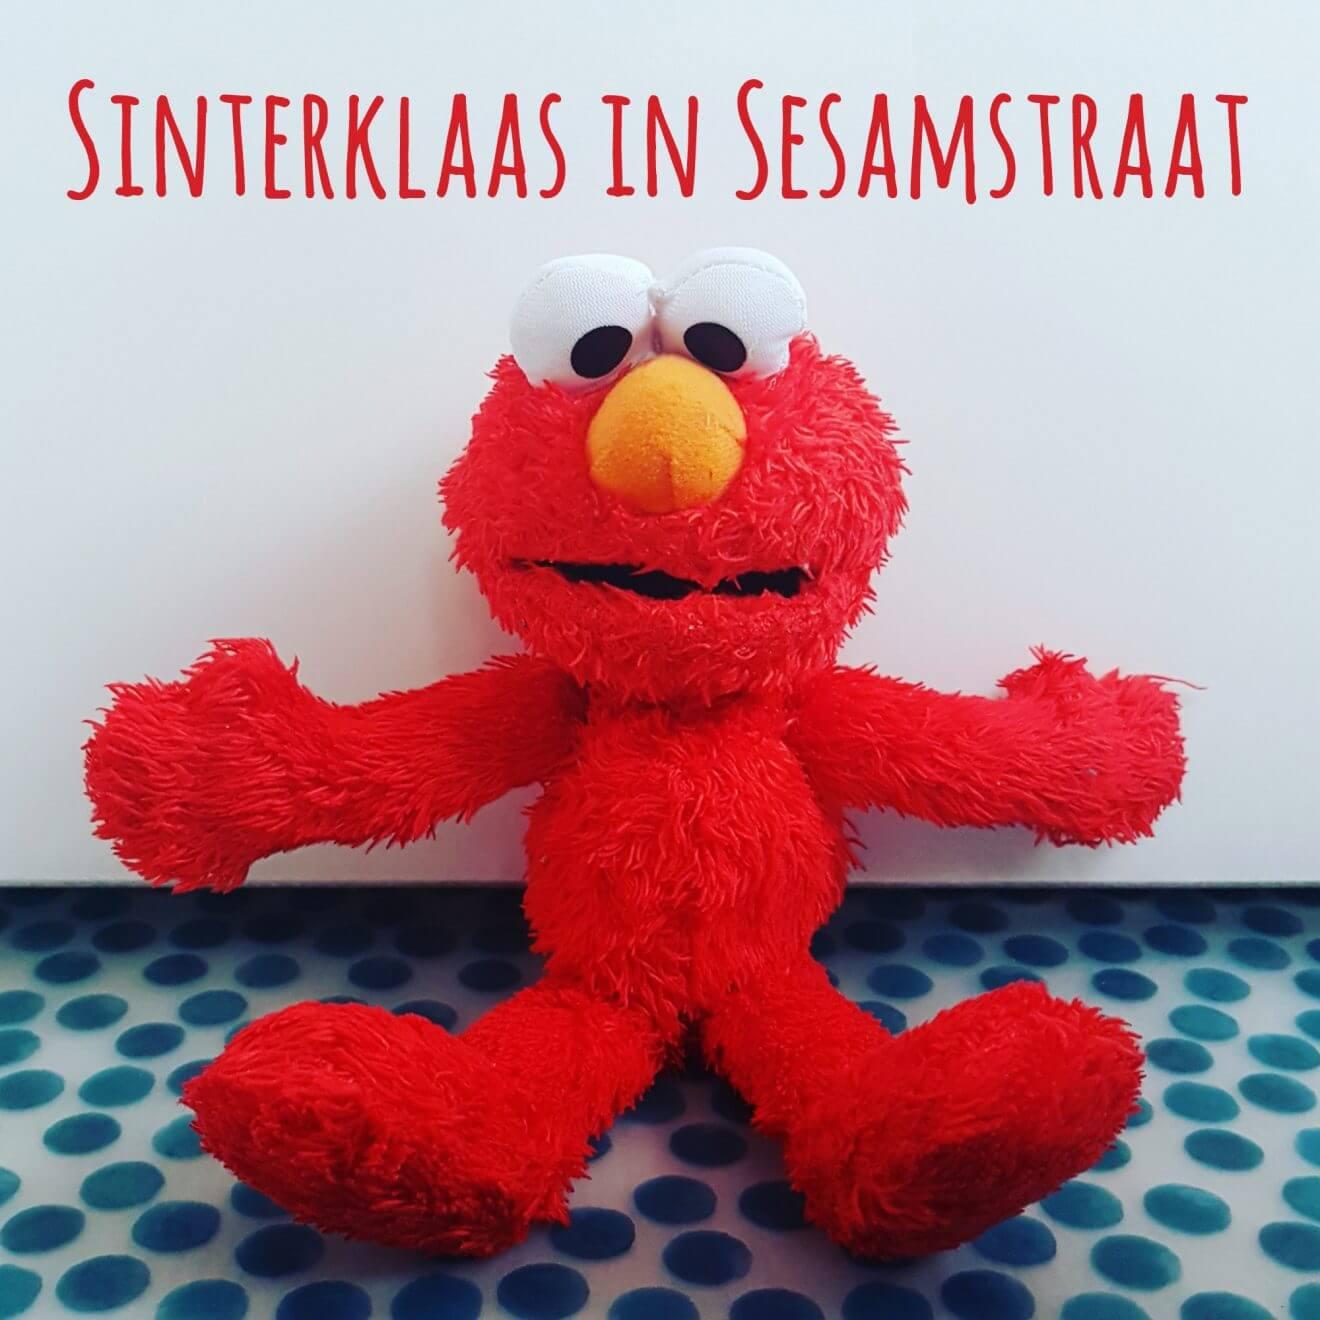 Sinterklaas in Sesamstraat door de jaren heen